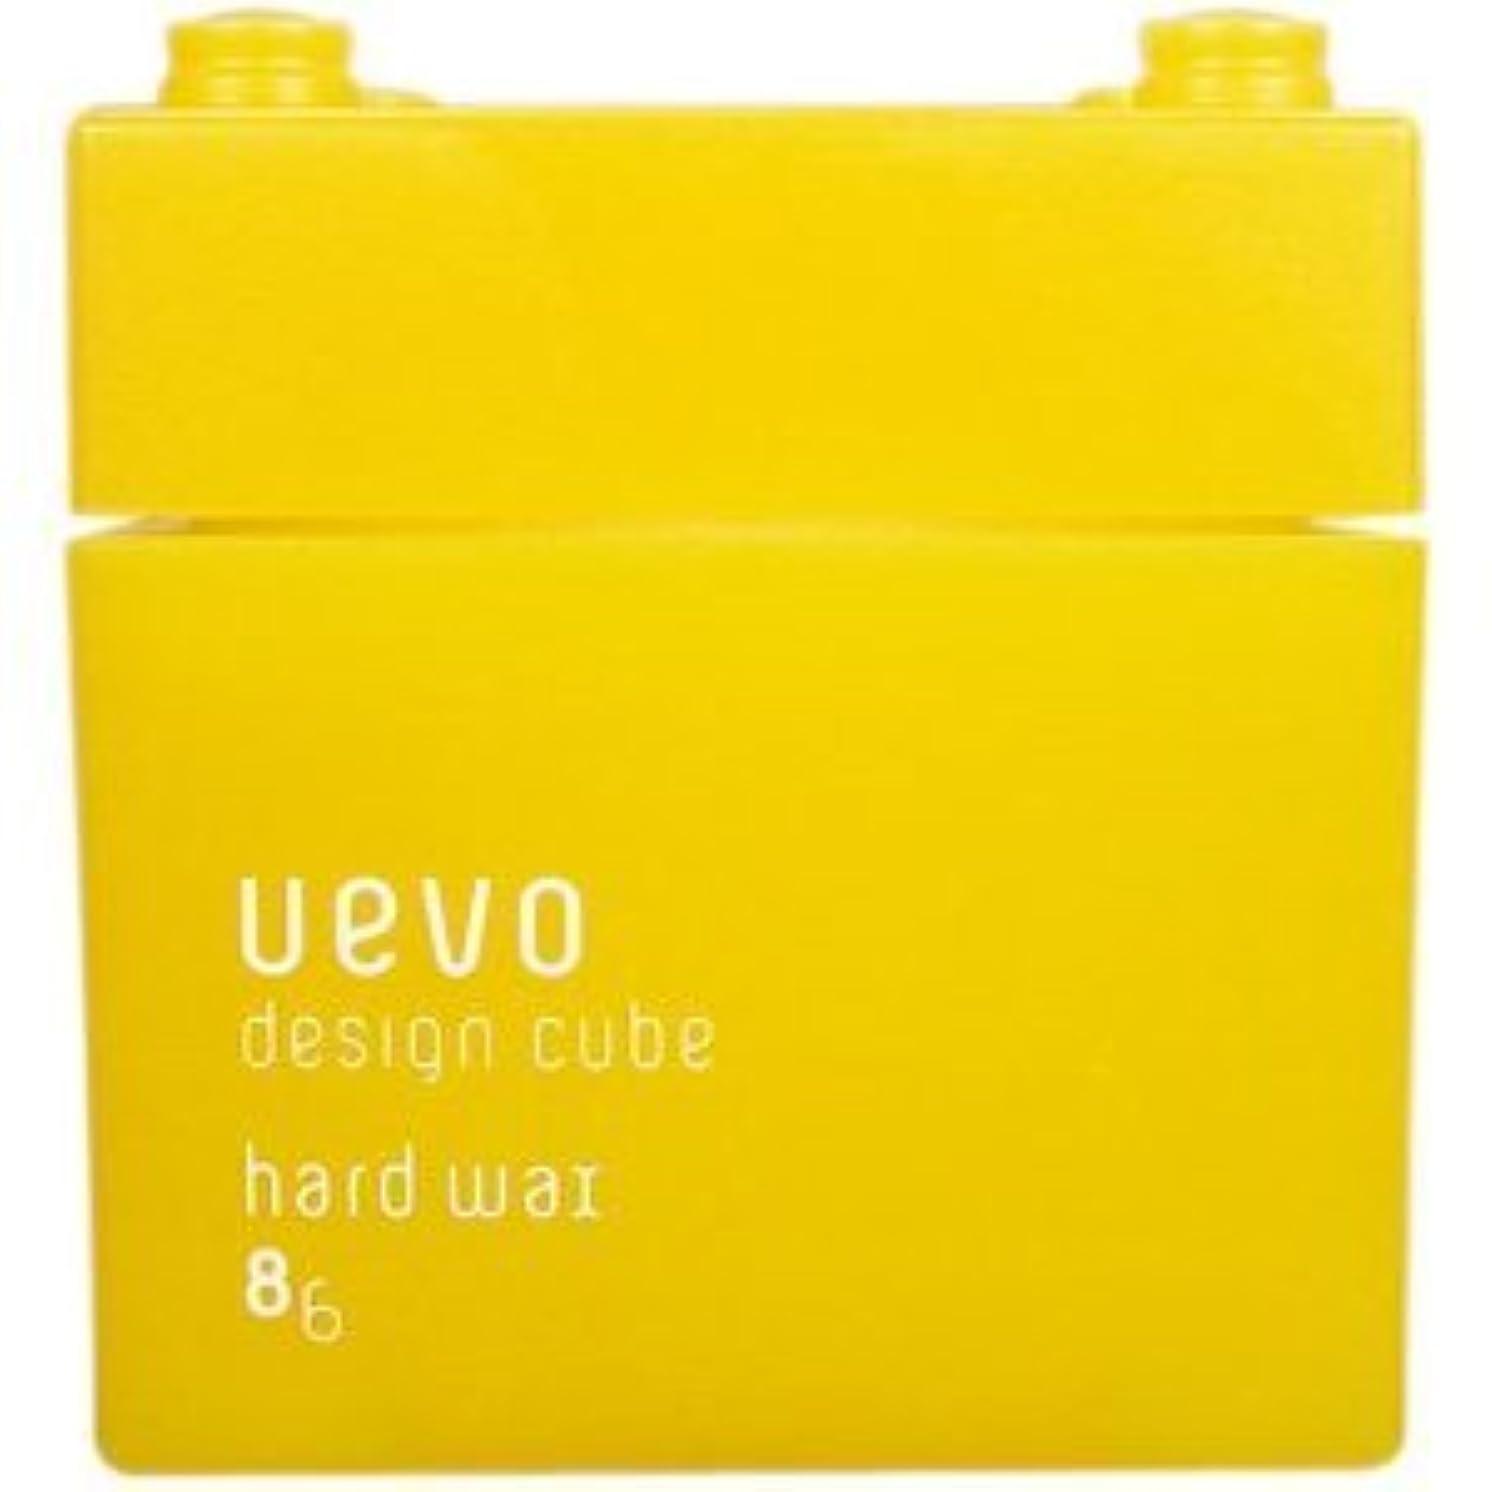 誇りに思う進化する移行する【X3個セット】 デミ ウェーボ デザインキューブ ハードワックス 80g hard wax DEMI uevo design cube